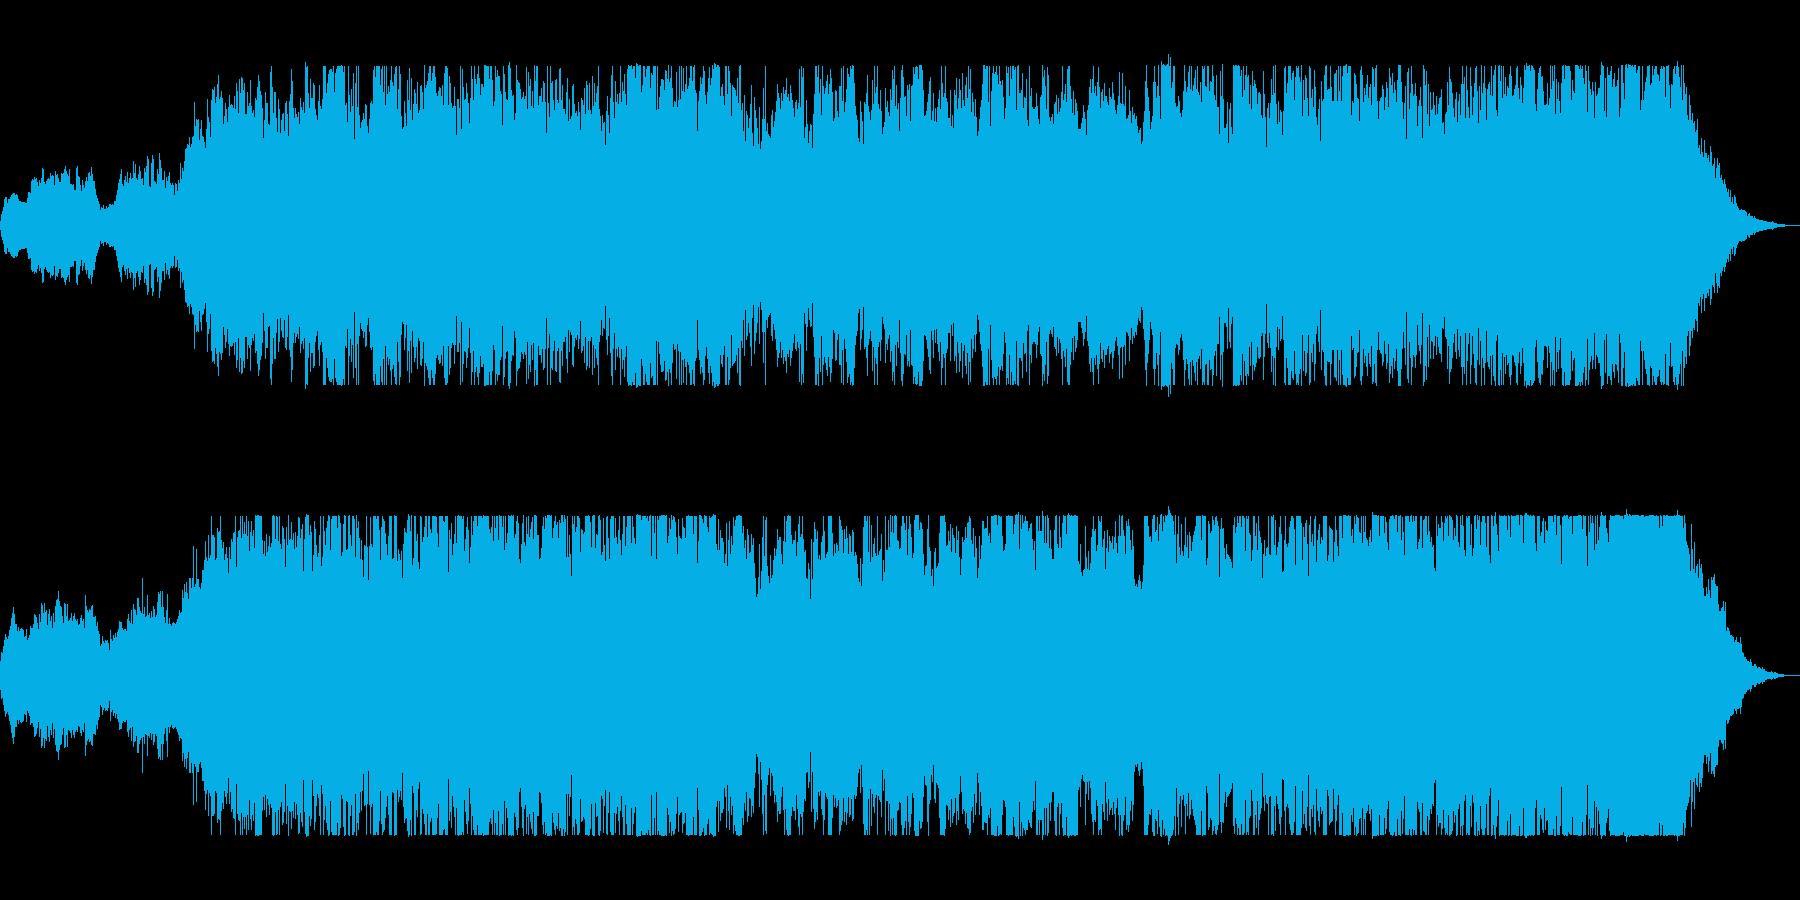 壮大で悠長なオーケストラサウンドの再生済みの波形